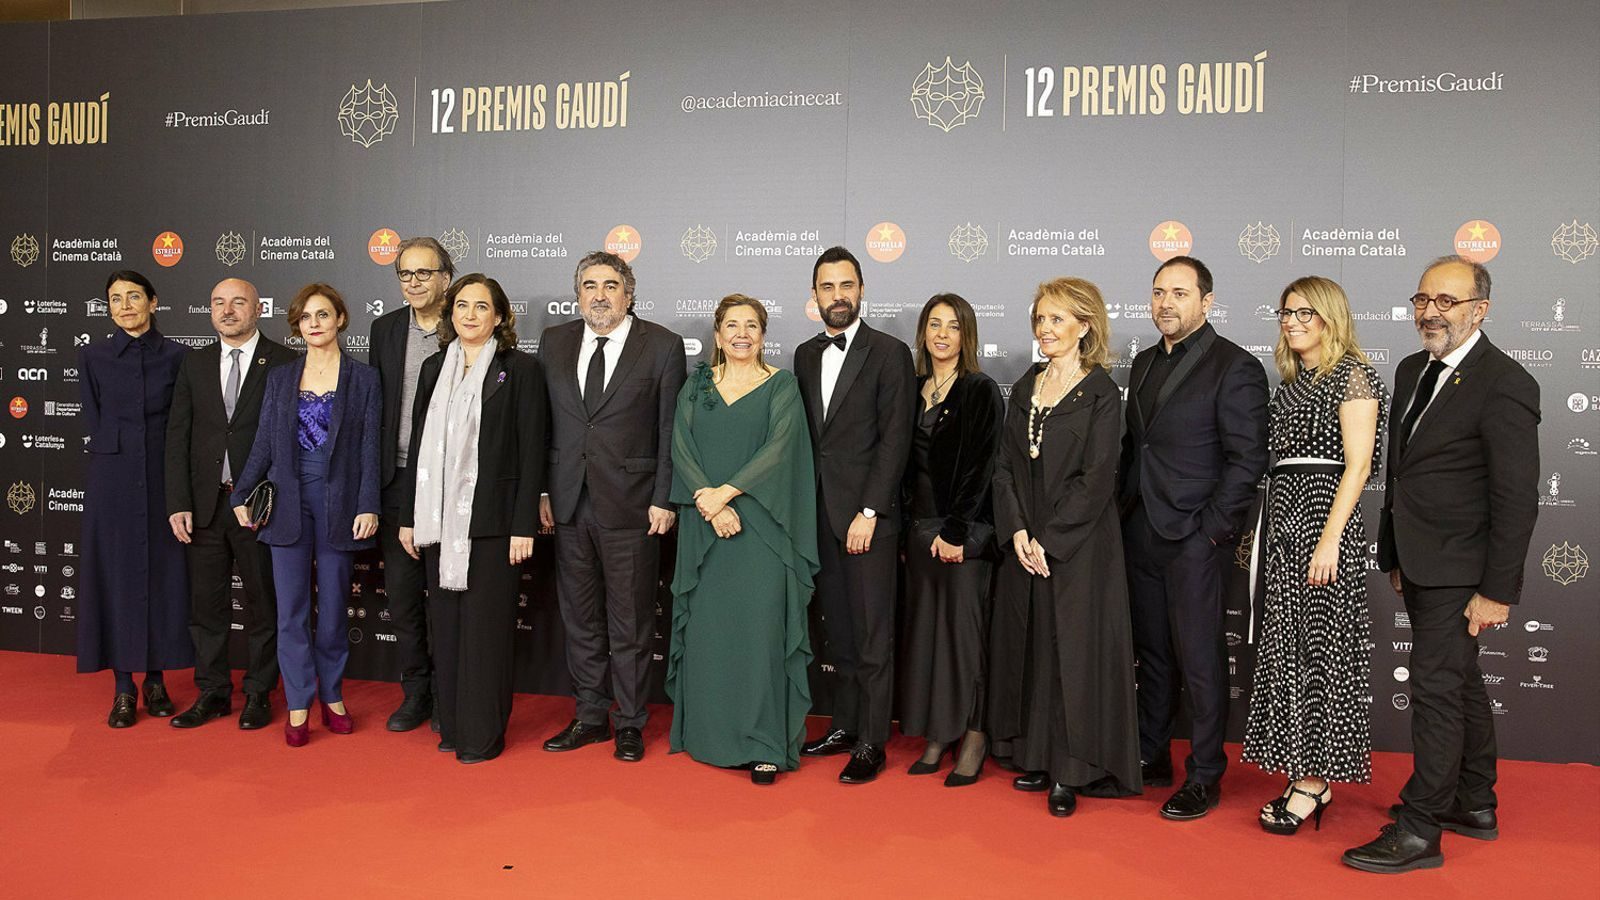 La consellera de Cultura aprofita els Gaudí per anunciar que creix el pressupost fins a l'1,1%